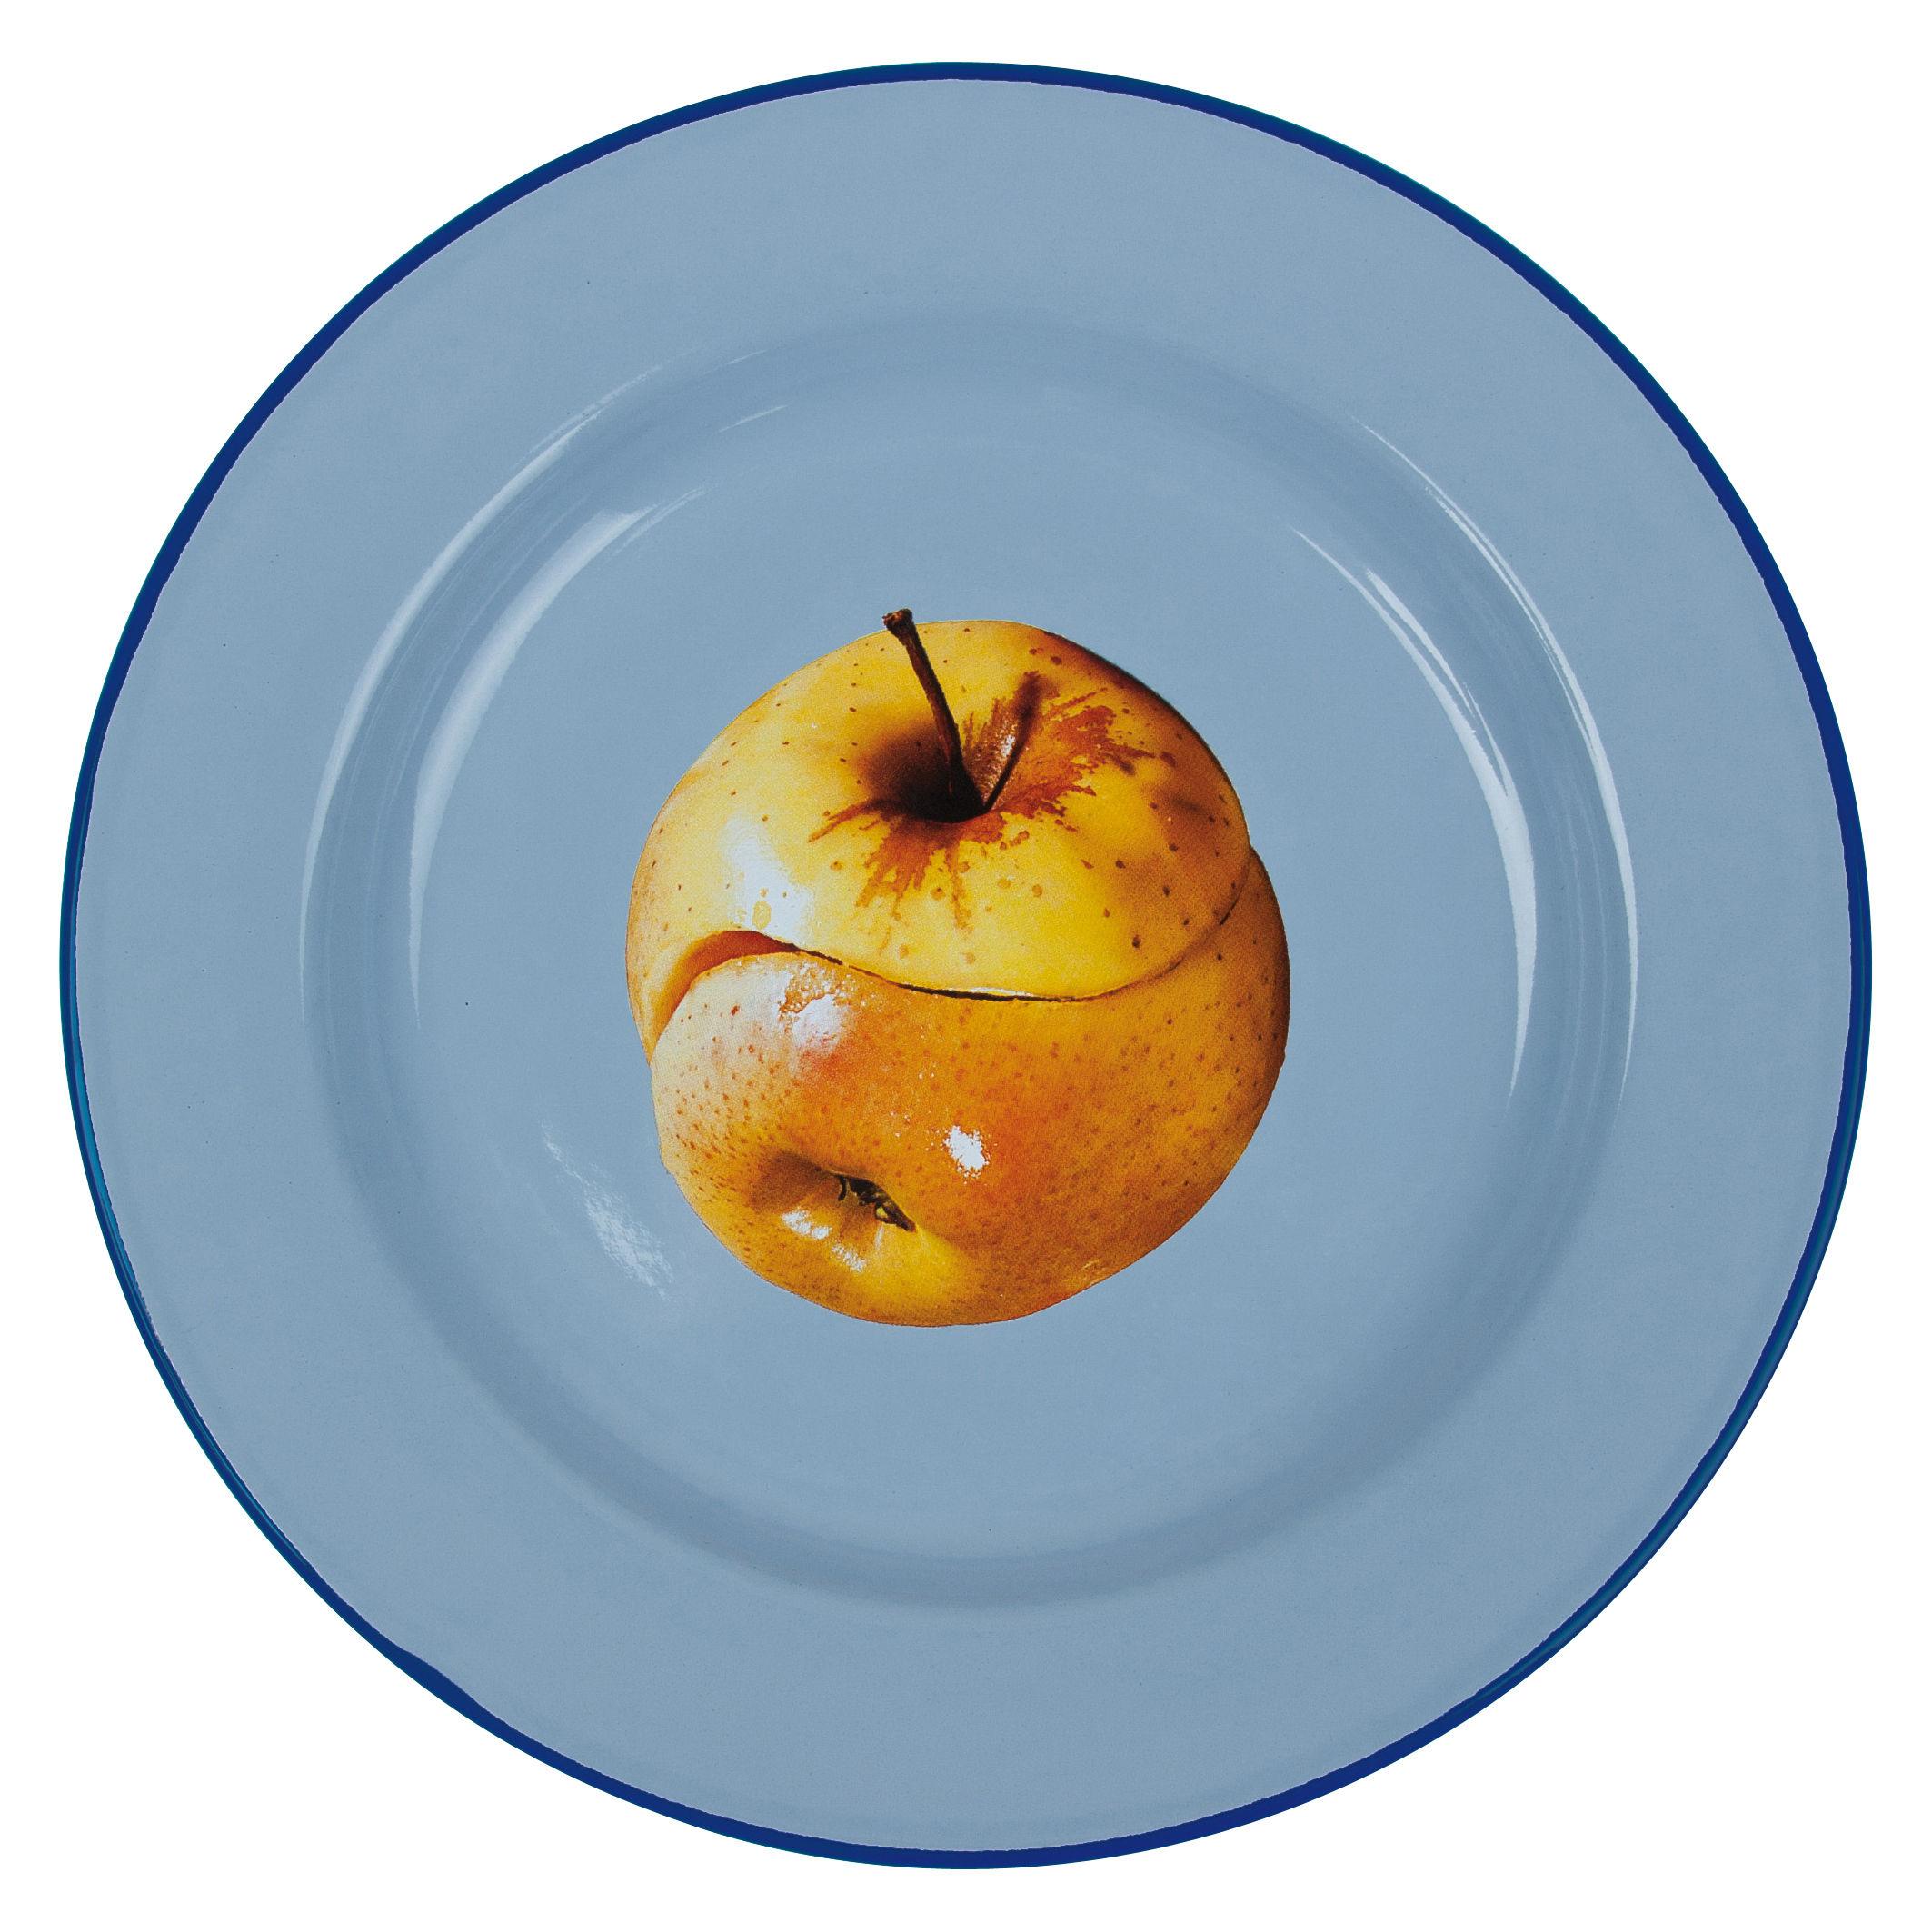 Arts de la table - Assiettes - Assiette Toiletpaper - Pomme / Métal - Seletti - Pomme - Métal émaillé